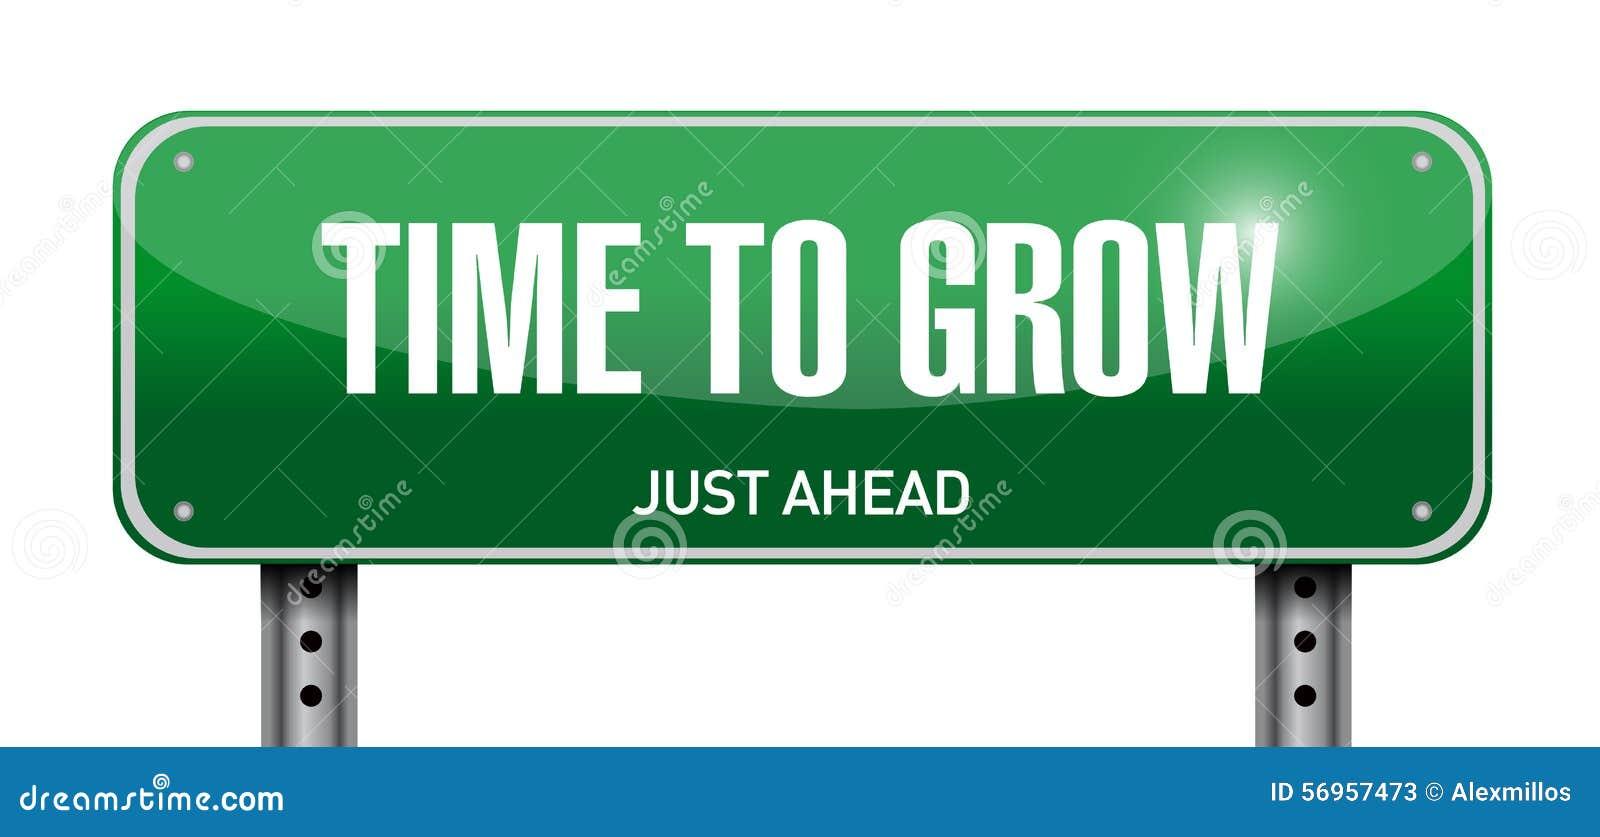 a time to grow Informações financeiras e estruturais sobre a time to grow - nif 507568915, como volume de faturação, lucros ou prejuízos, morada da sede, atividade, capital.